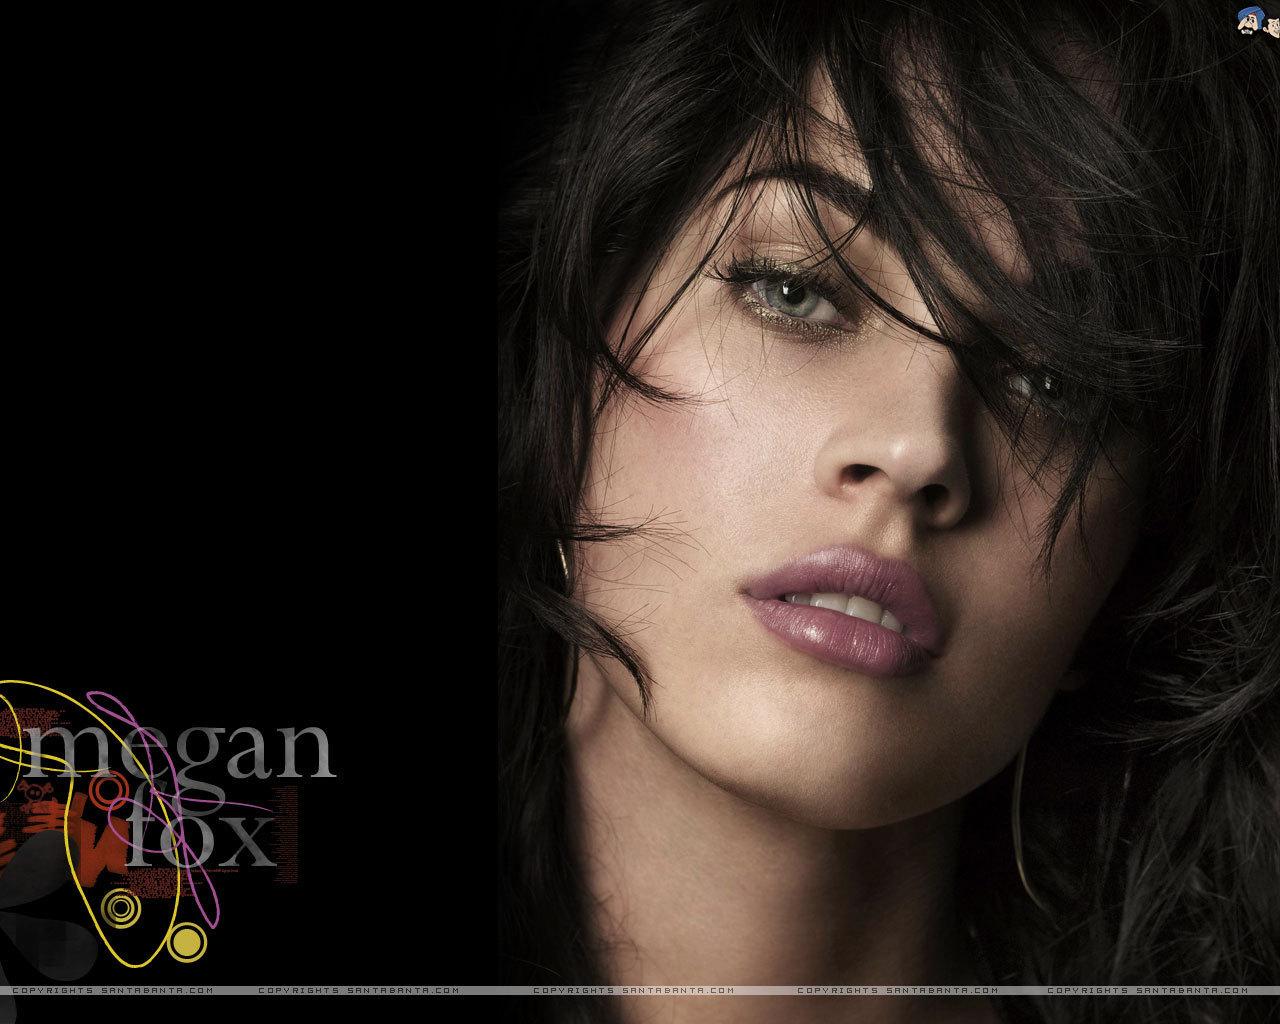 Megan   Megan Fox Wallpaper 14651439 1280x1024